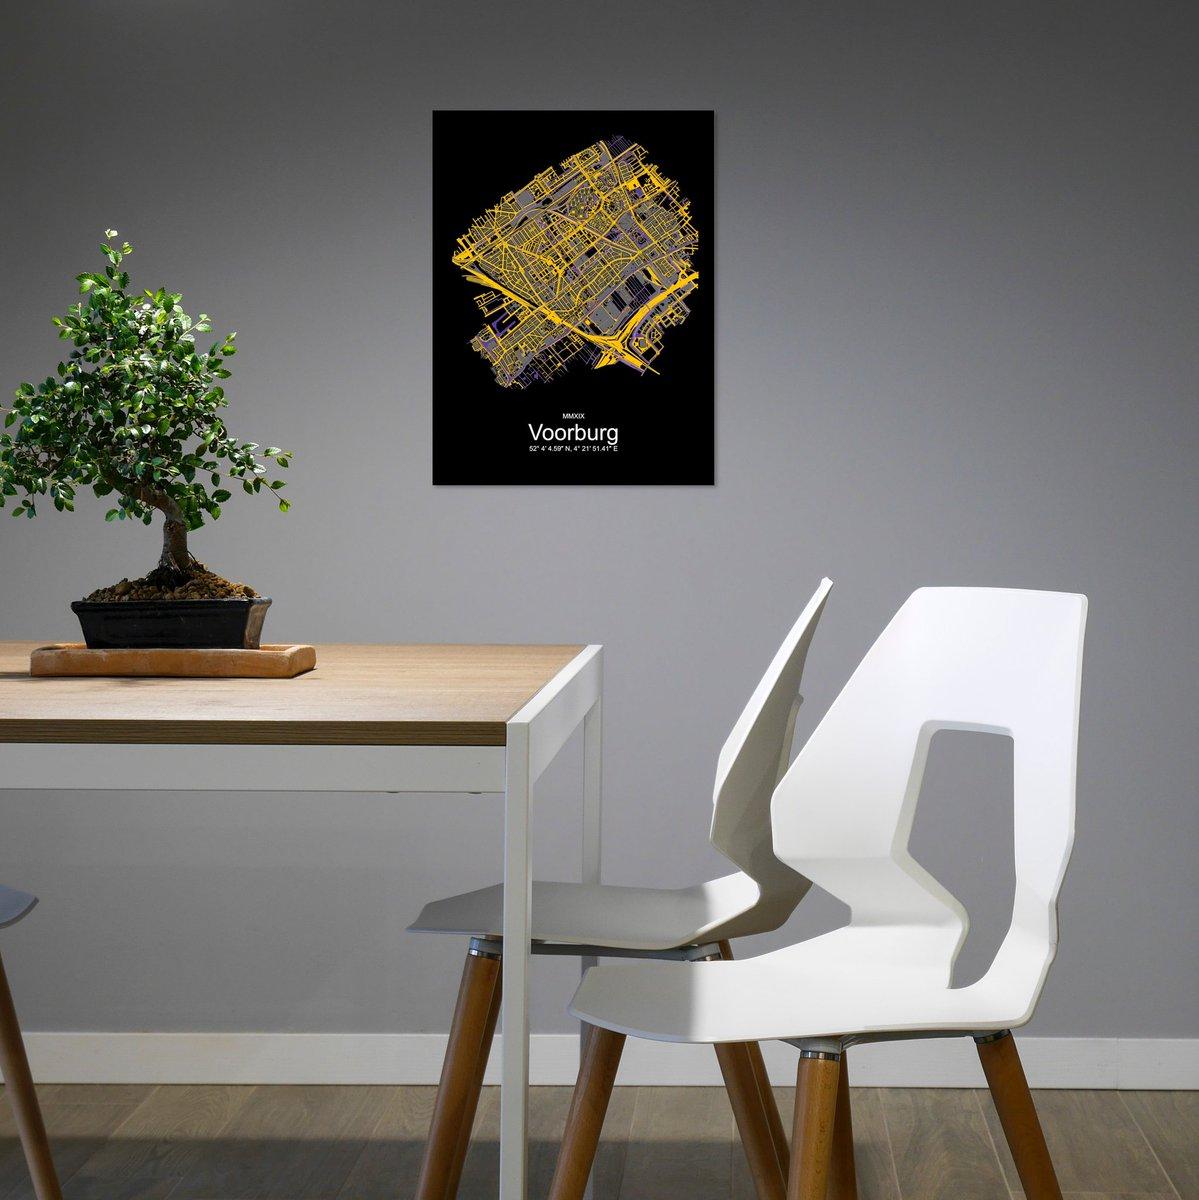 test Twitter Media - Voorburg als een artistieke afbeelding op een aluminium bord. Leuk om te krijgen maar zeker om te geven.  #Voorburg #woonplaats #woonplaatsopbord #kunst #kadotip #cadeautip #kunstvooraandemuur #wanddecoratie #interieur #industrieel #wandversiering #schilderij https://t.co/iCyVEnTDYh